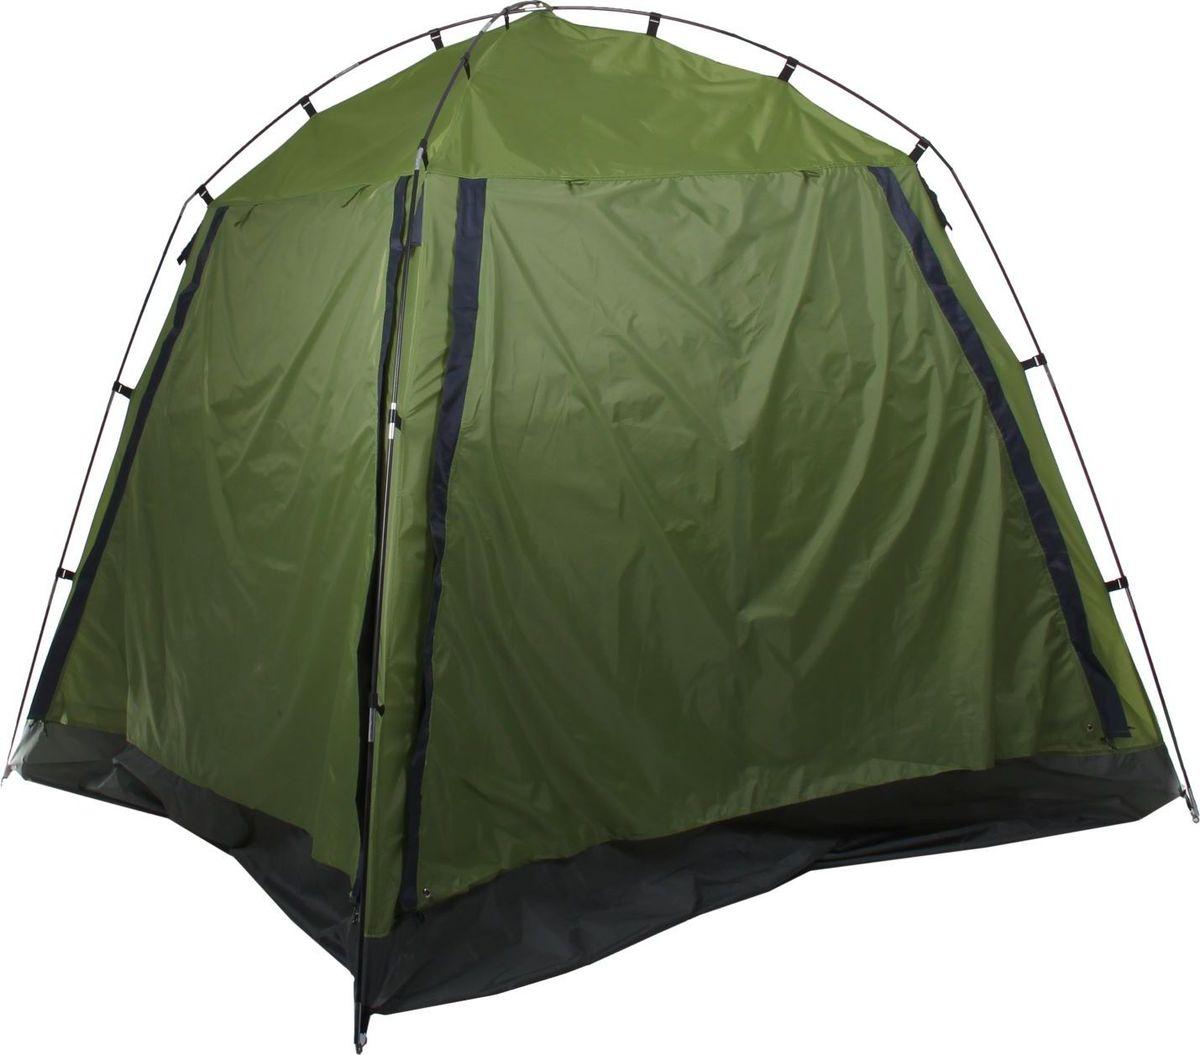 Шатер, со стенками, цвет: зеленый, 220 х 220 х 180 см1734829Шатёр со стенками, размер 220 х 220 х 180 см, цвет зелёный позволит укрыться от солнца в жаркий день и защитит от надоедливых насекомых. Внутри палатки вы сможете расположиться для ночёвки в тёплую погоду. С двух противоположных сторон сделаны входы с москитной сеткой, закрывающиеся на молнию. Обе боковые стенки состоят из внешней откидывающейся части и оборудованы москитной сеткой, благодаря которой внутрь будет поступать свежий воздух. ХарактеристикиТент: таффета 210Т, влагозащита 3000 мм. Пол: оксфорд 210Д, влагозащита 3000 мм. Каркас: сталь. Толщина кольев: 3 мм. Толщина трубок: 10 мм. Толщина металлической оплётки: 1,5 мм. Вместимость: 3 человека.